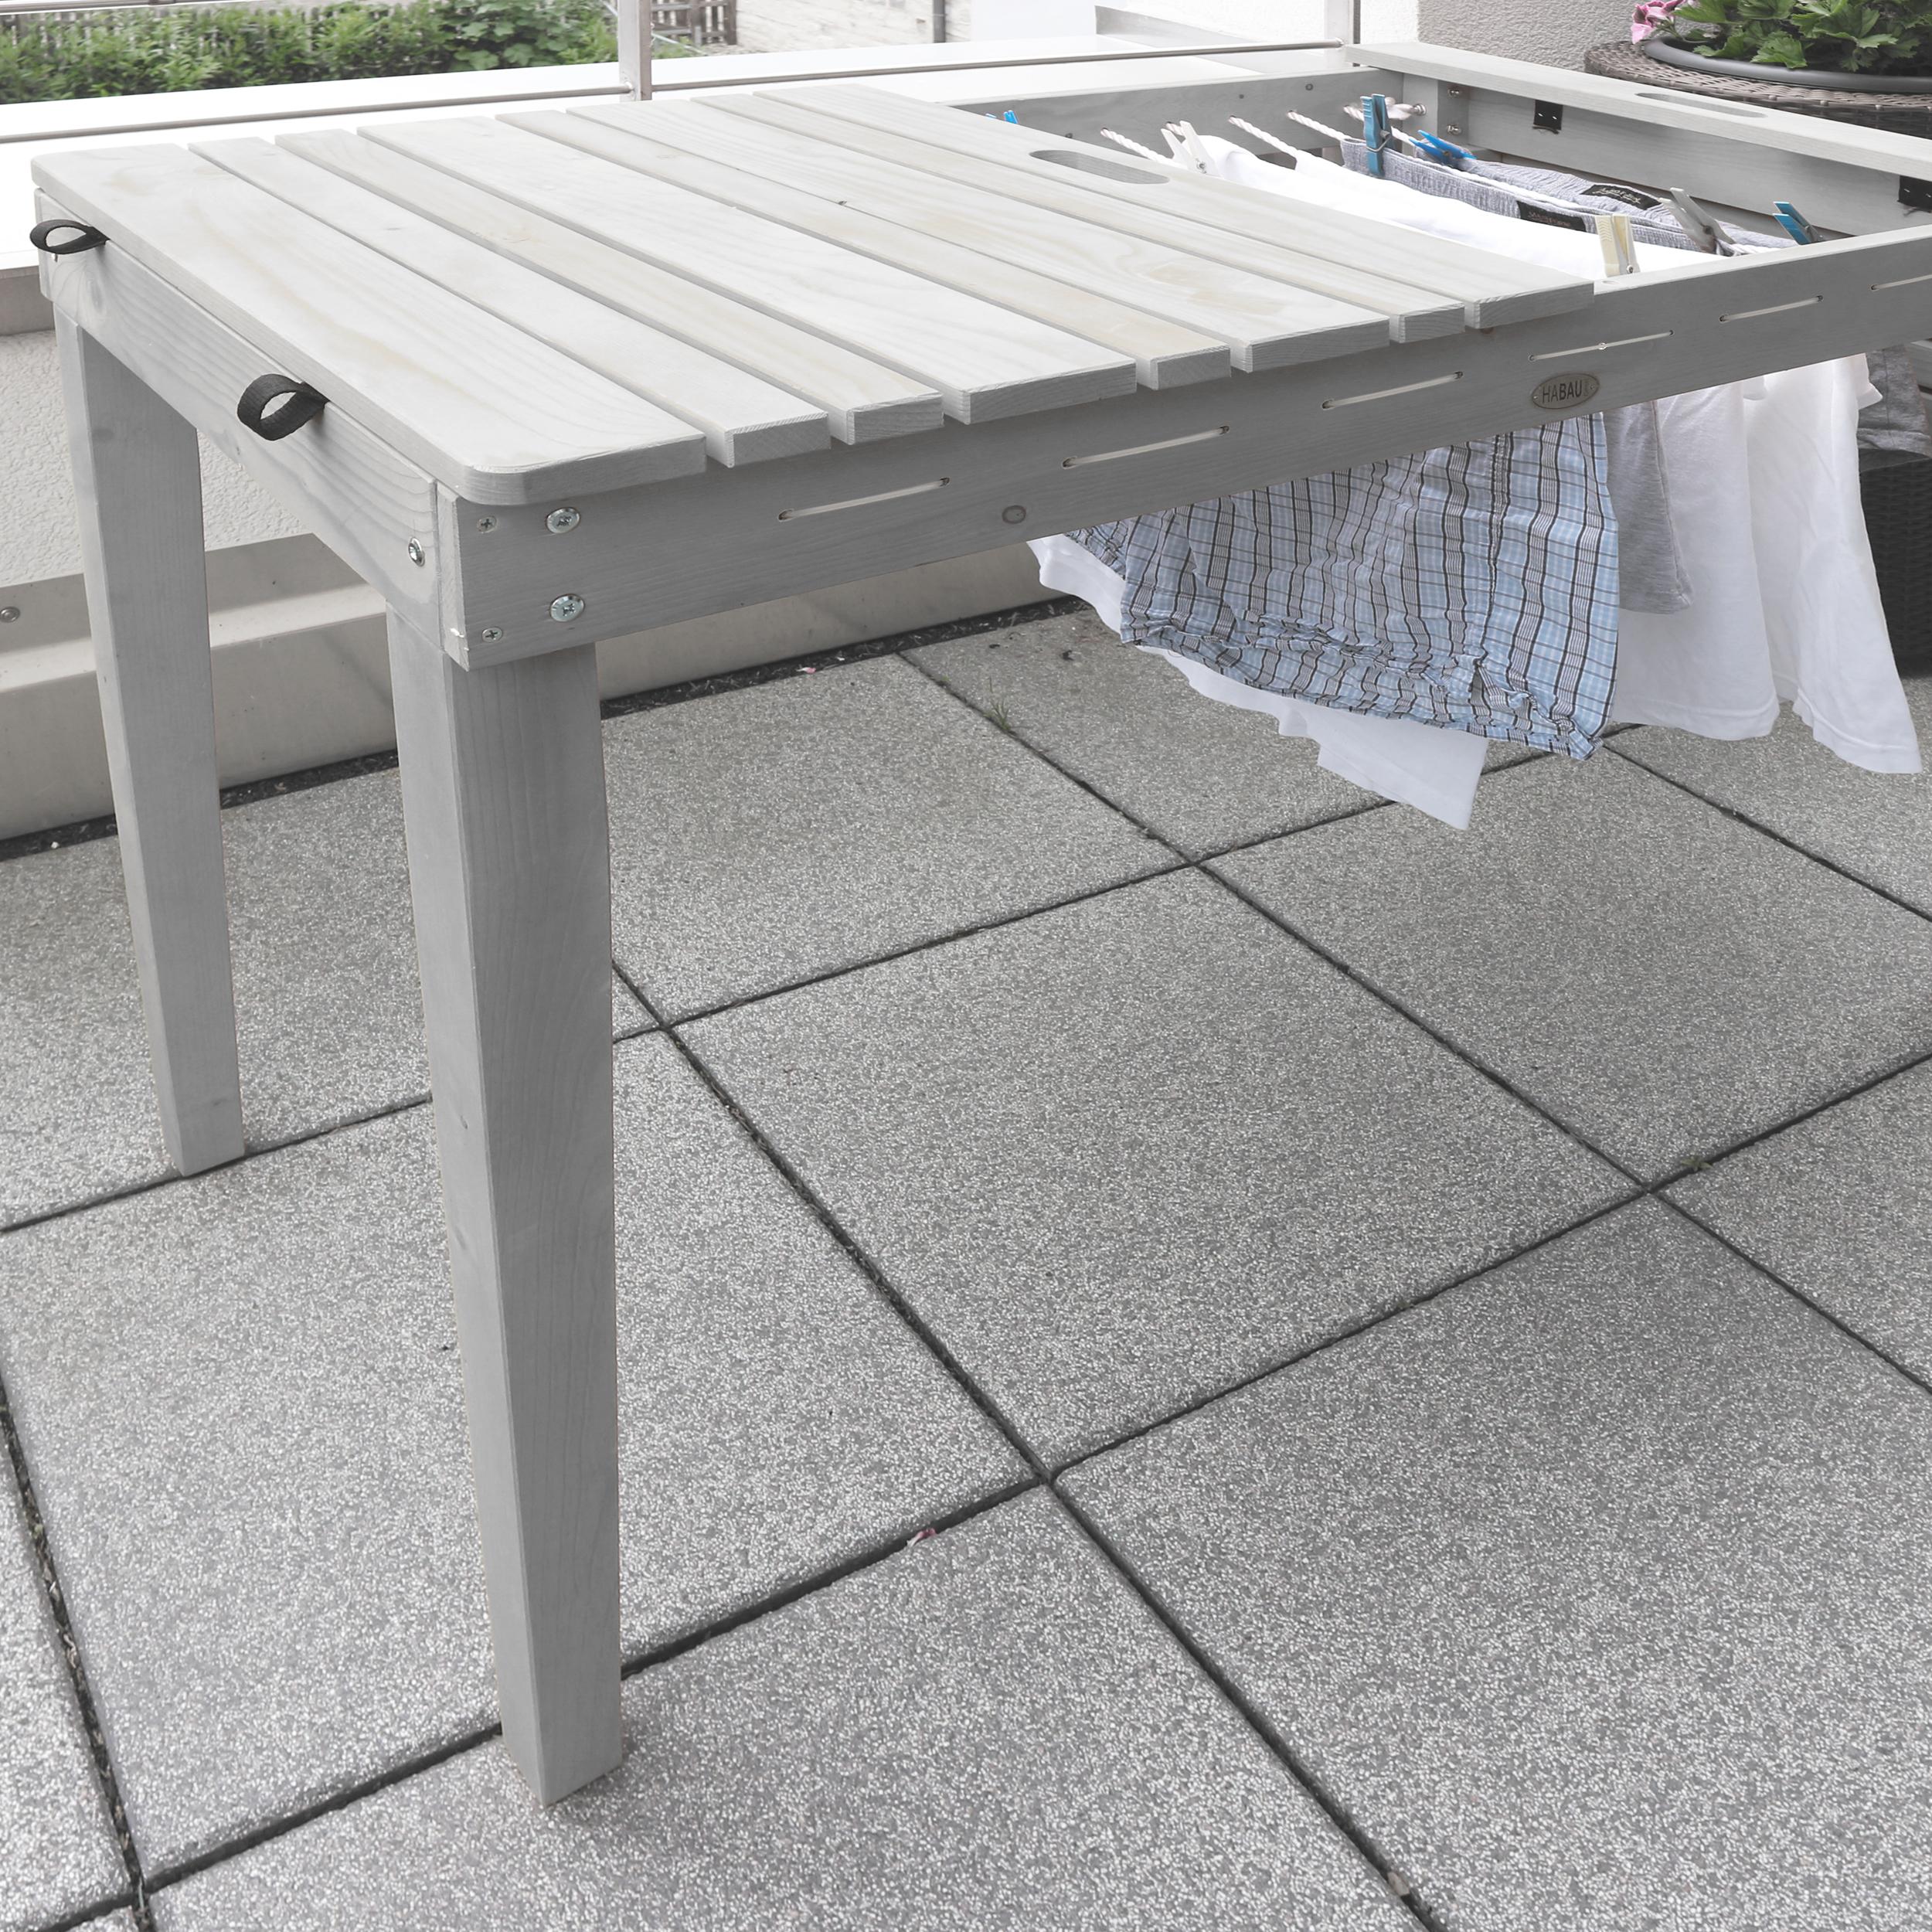 HABAU Balkontisch mit Wäscheleine - Anwendungsbeispiel - 2817